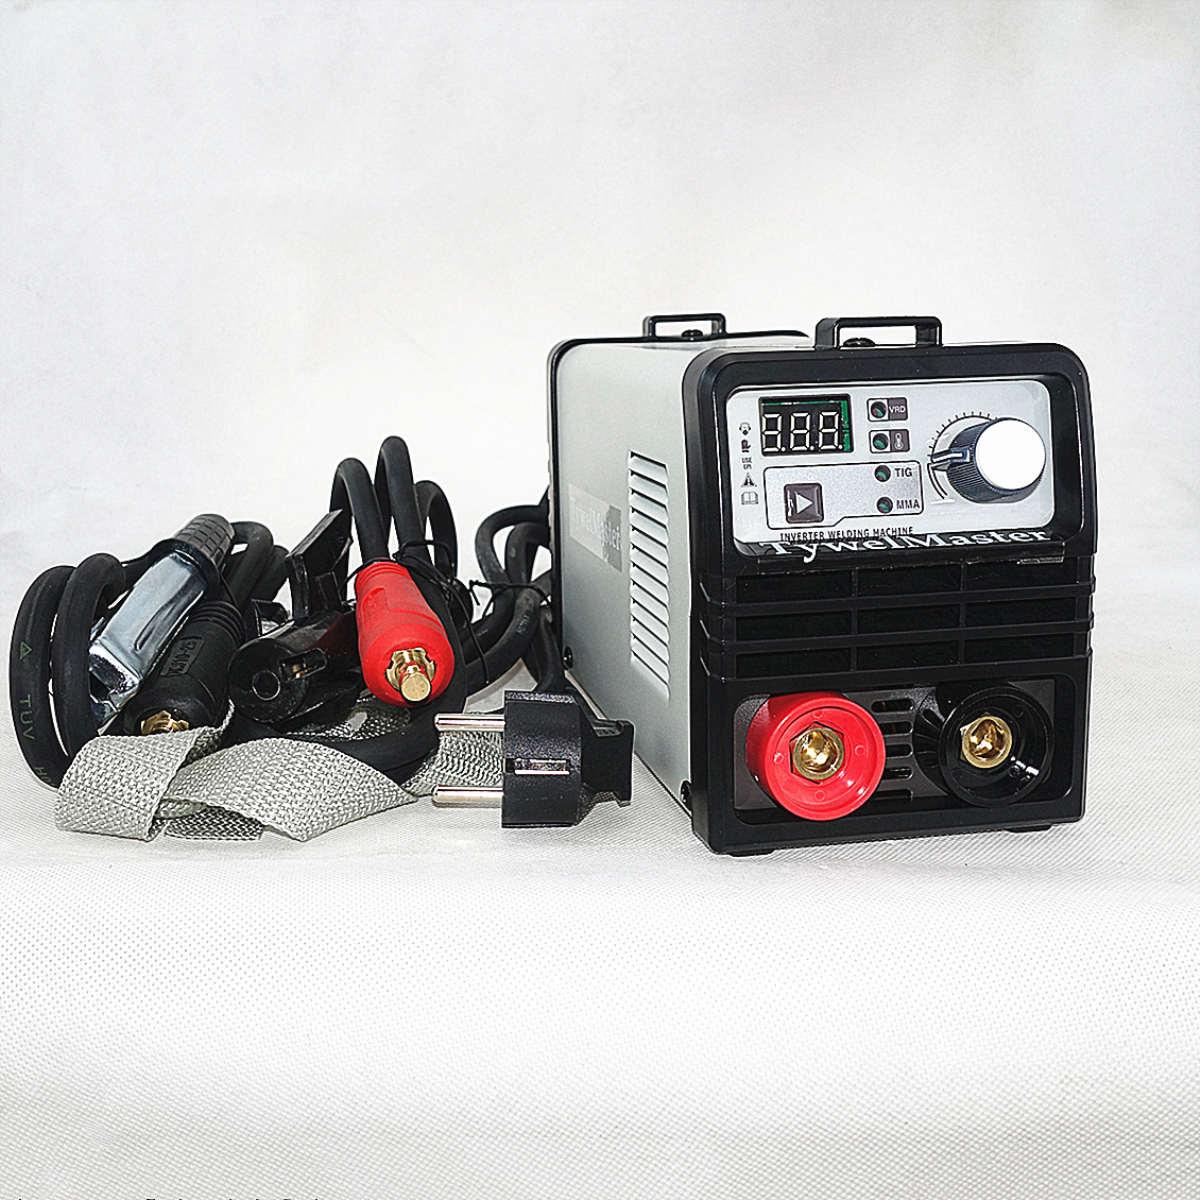 140/160A DC Inverter Arc Welder 160-270V VRD Stick Electrode 1.0-3.2mm Portable IGBT MMA TIG Welding Machine